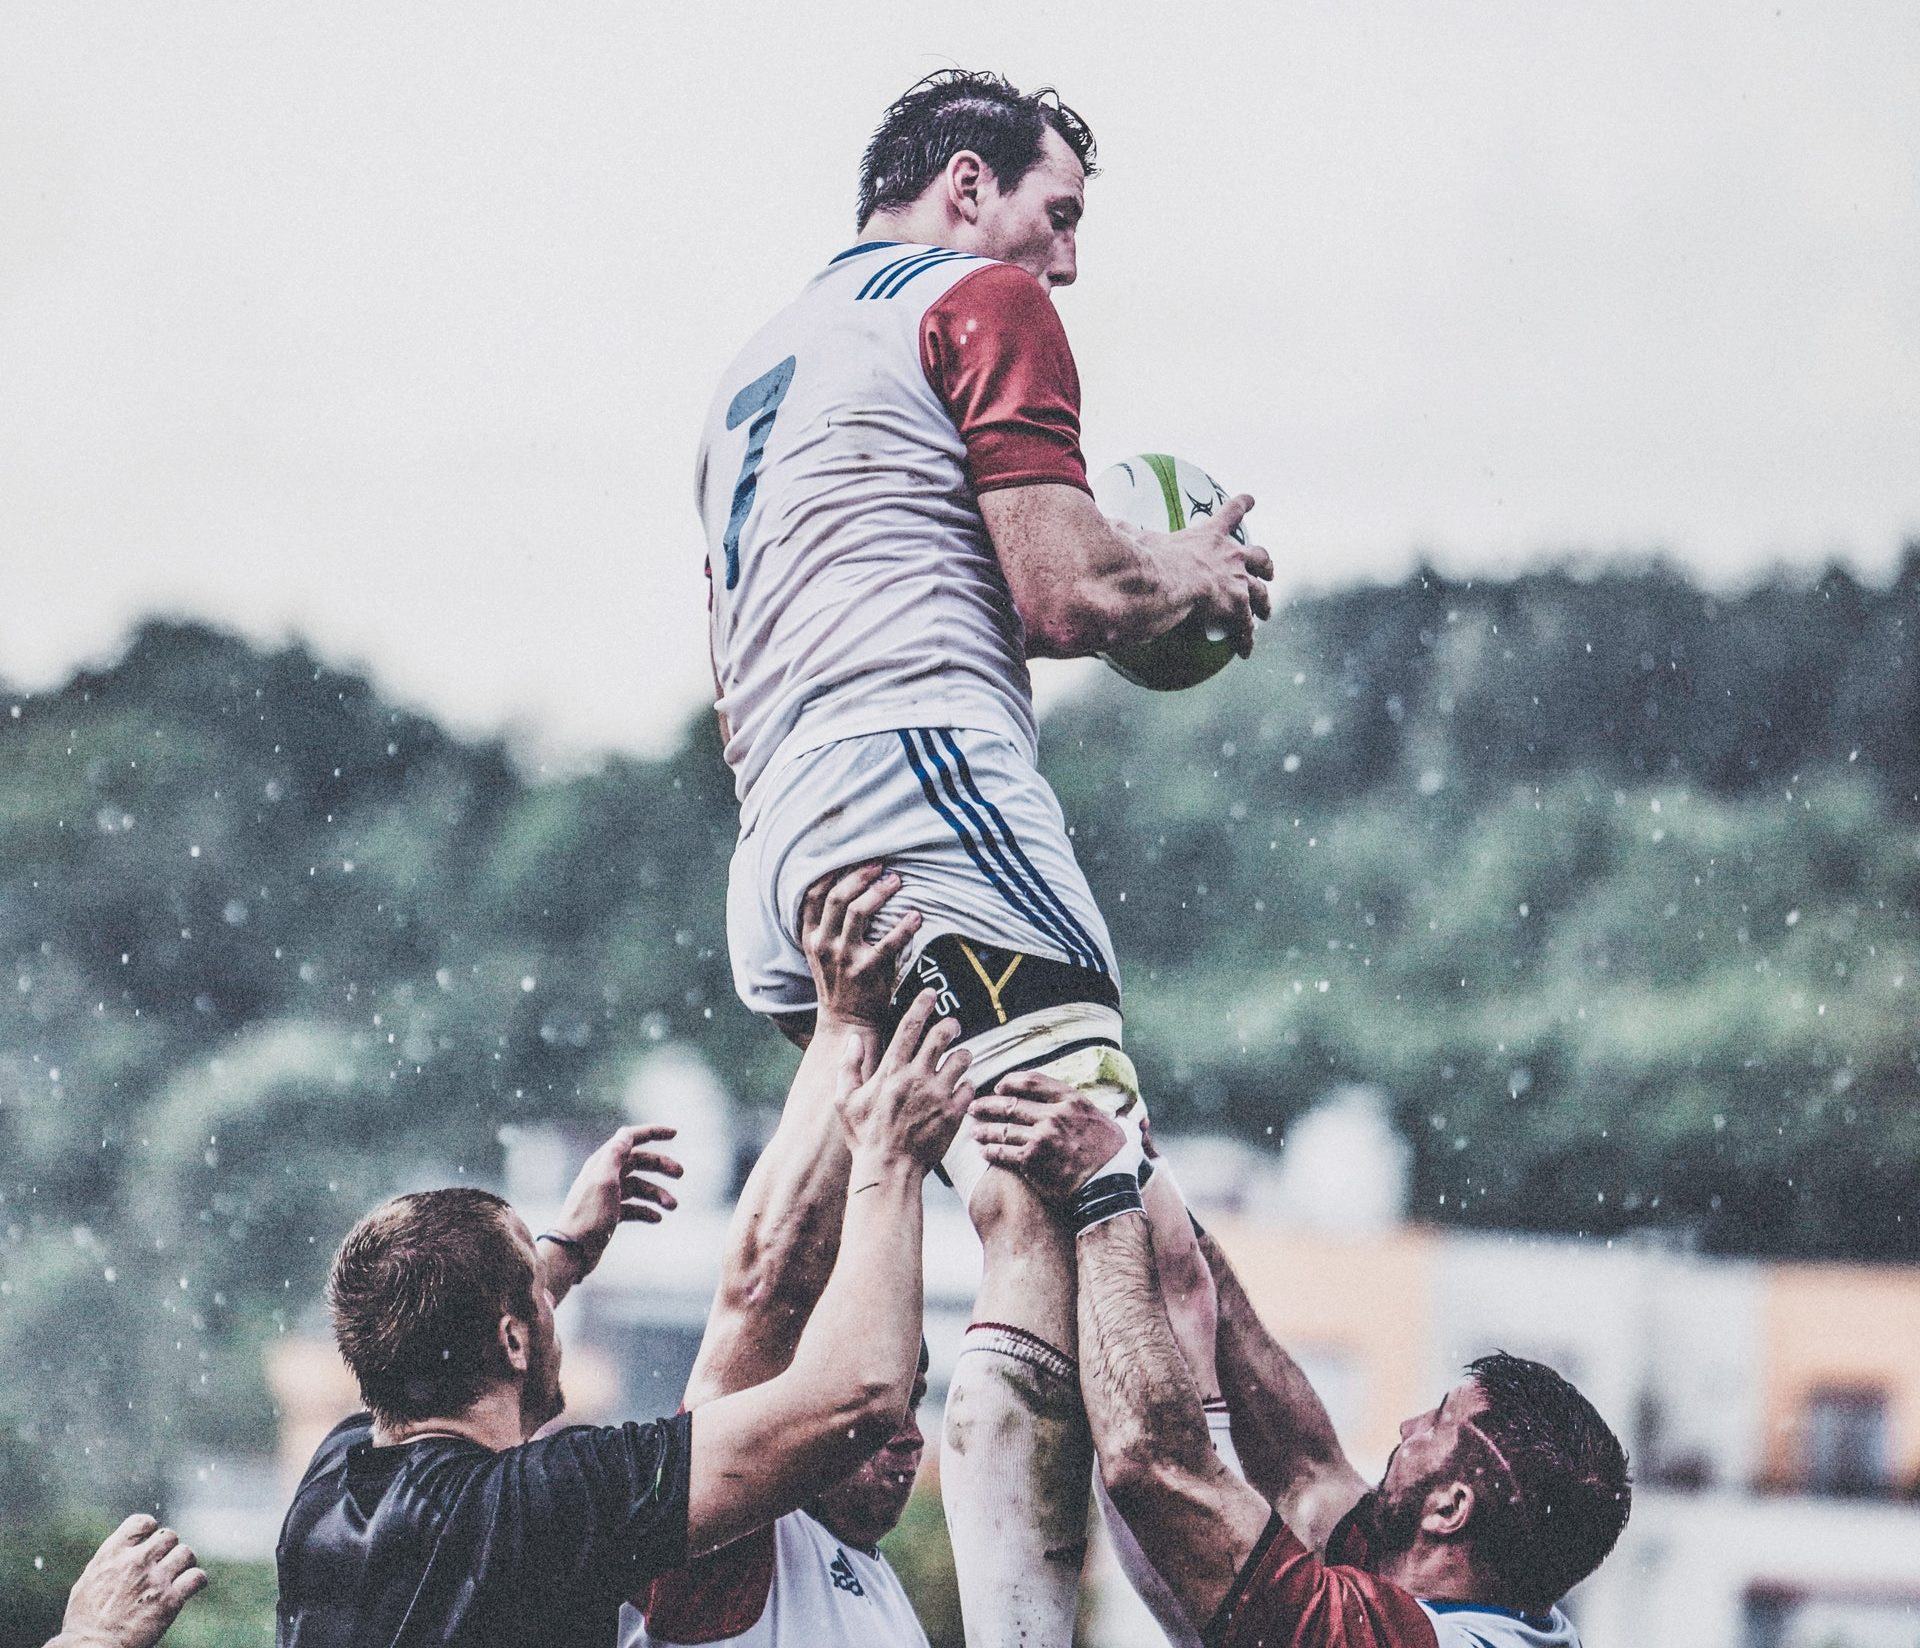 kilku zawodników rugby podnoszących jednego z graczy do góry